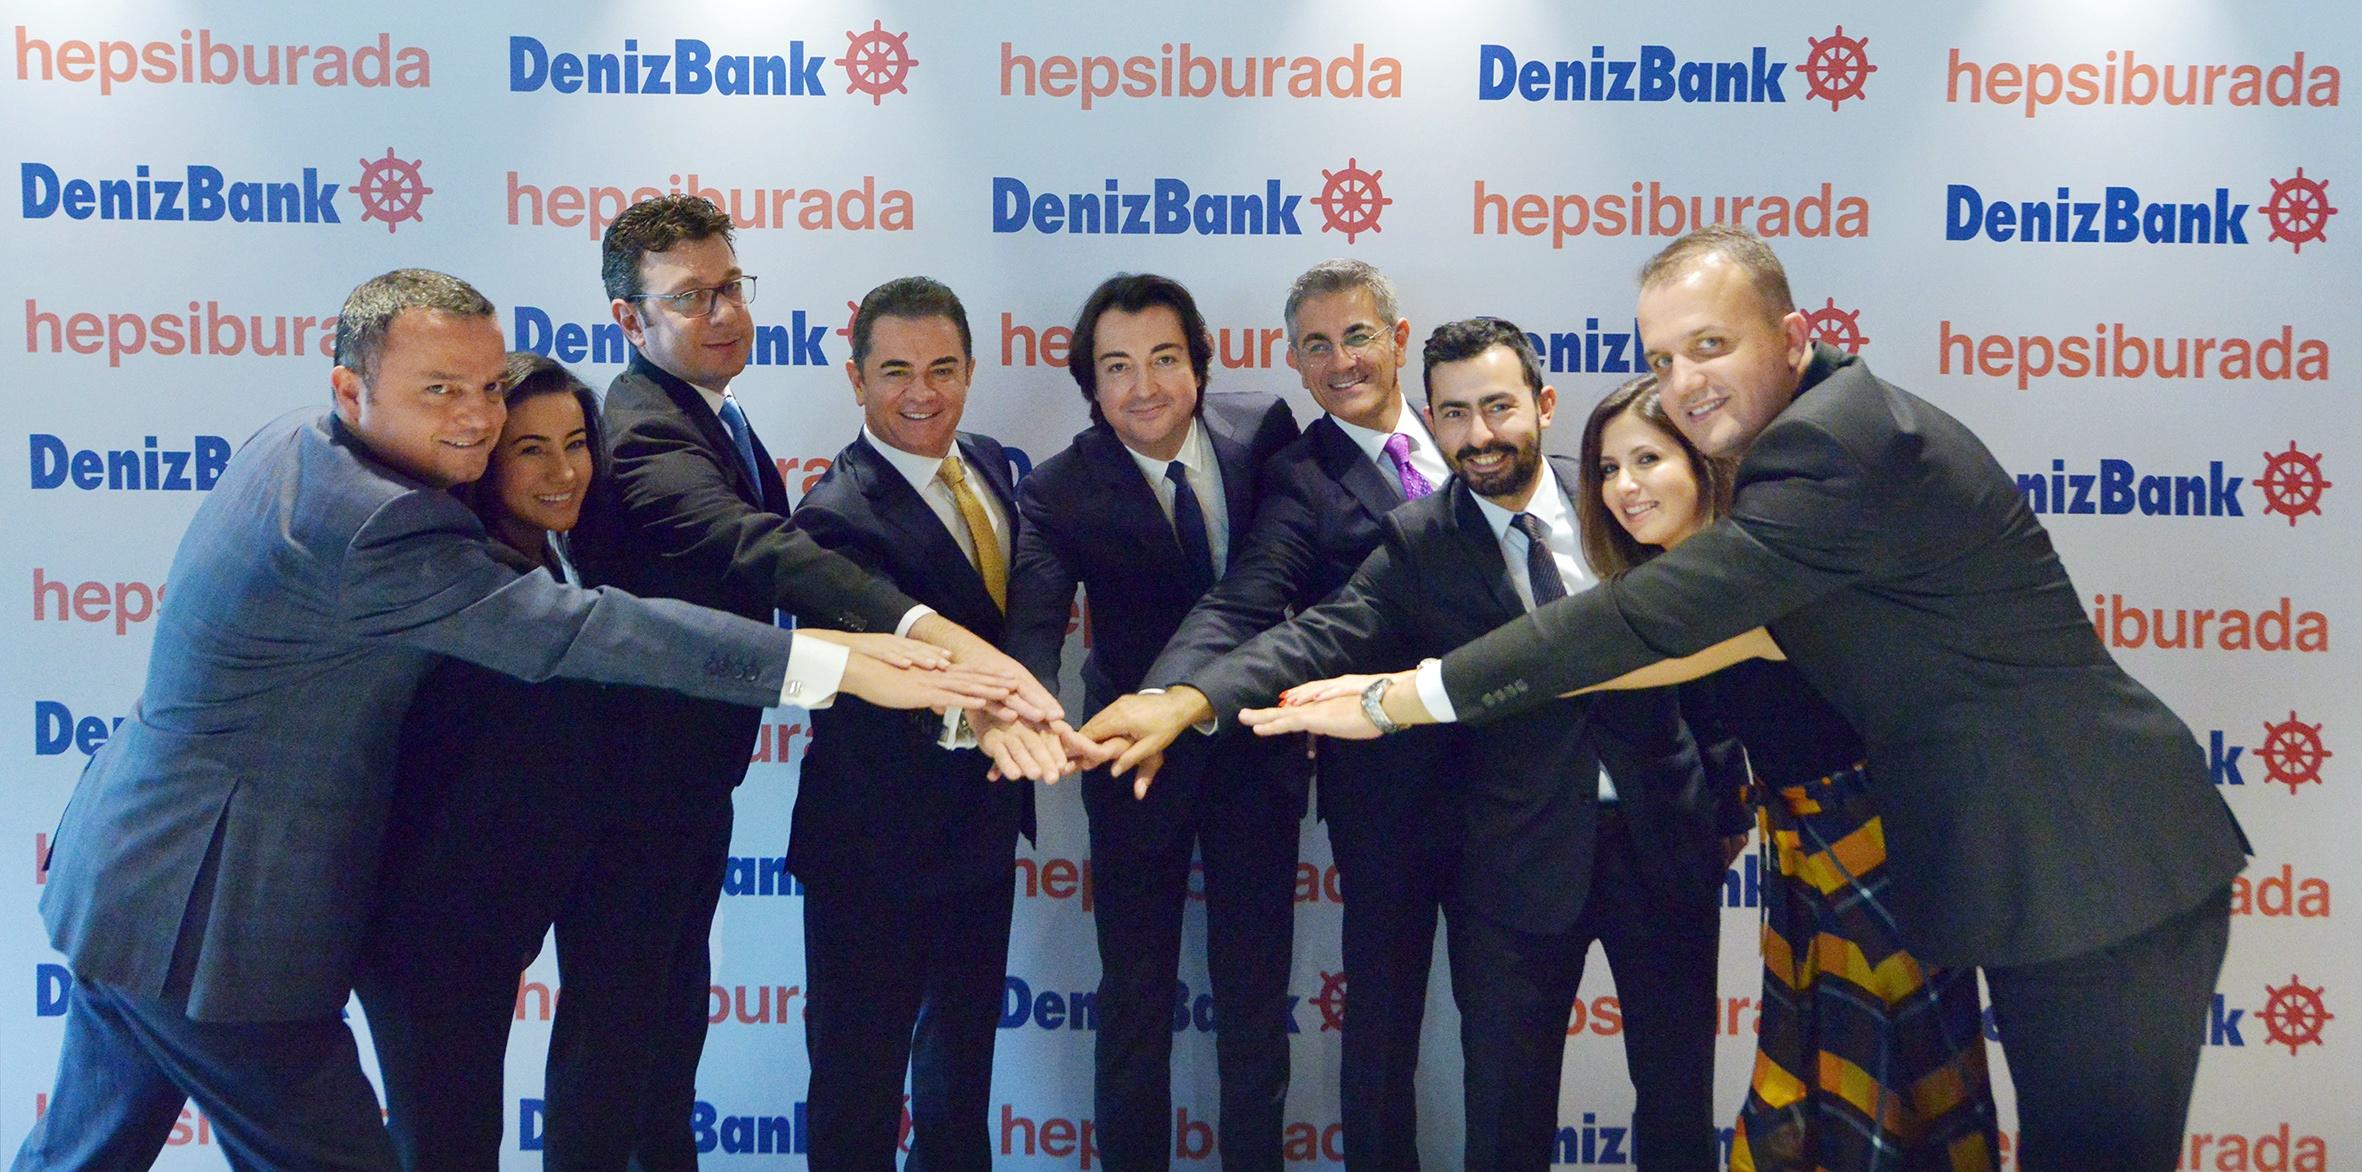 Hepsiburada ve Denizbank 'online kredi' için el sıkıştı.